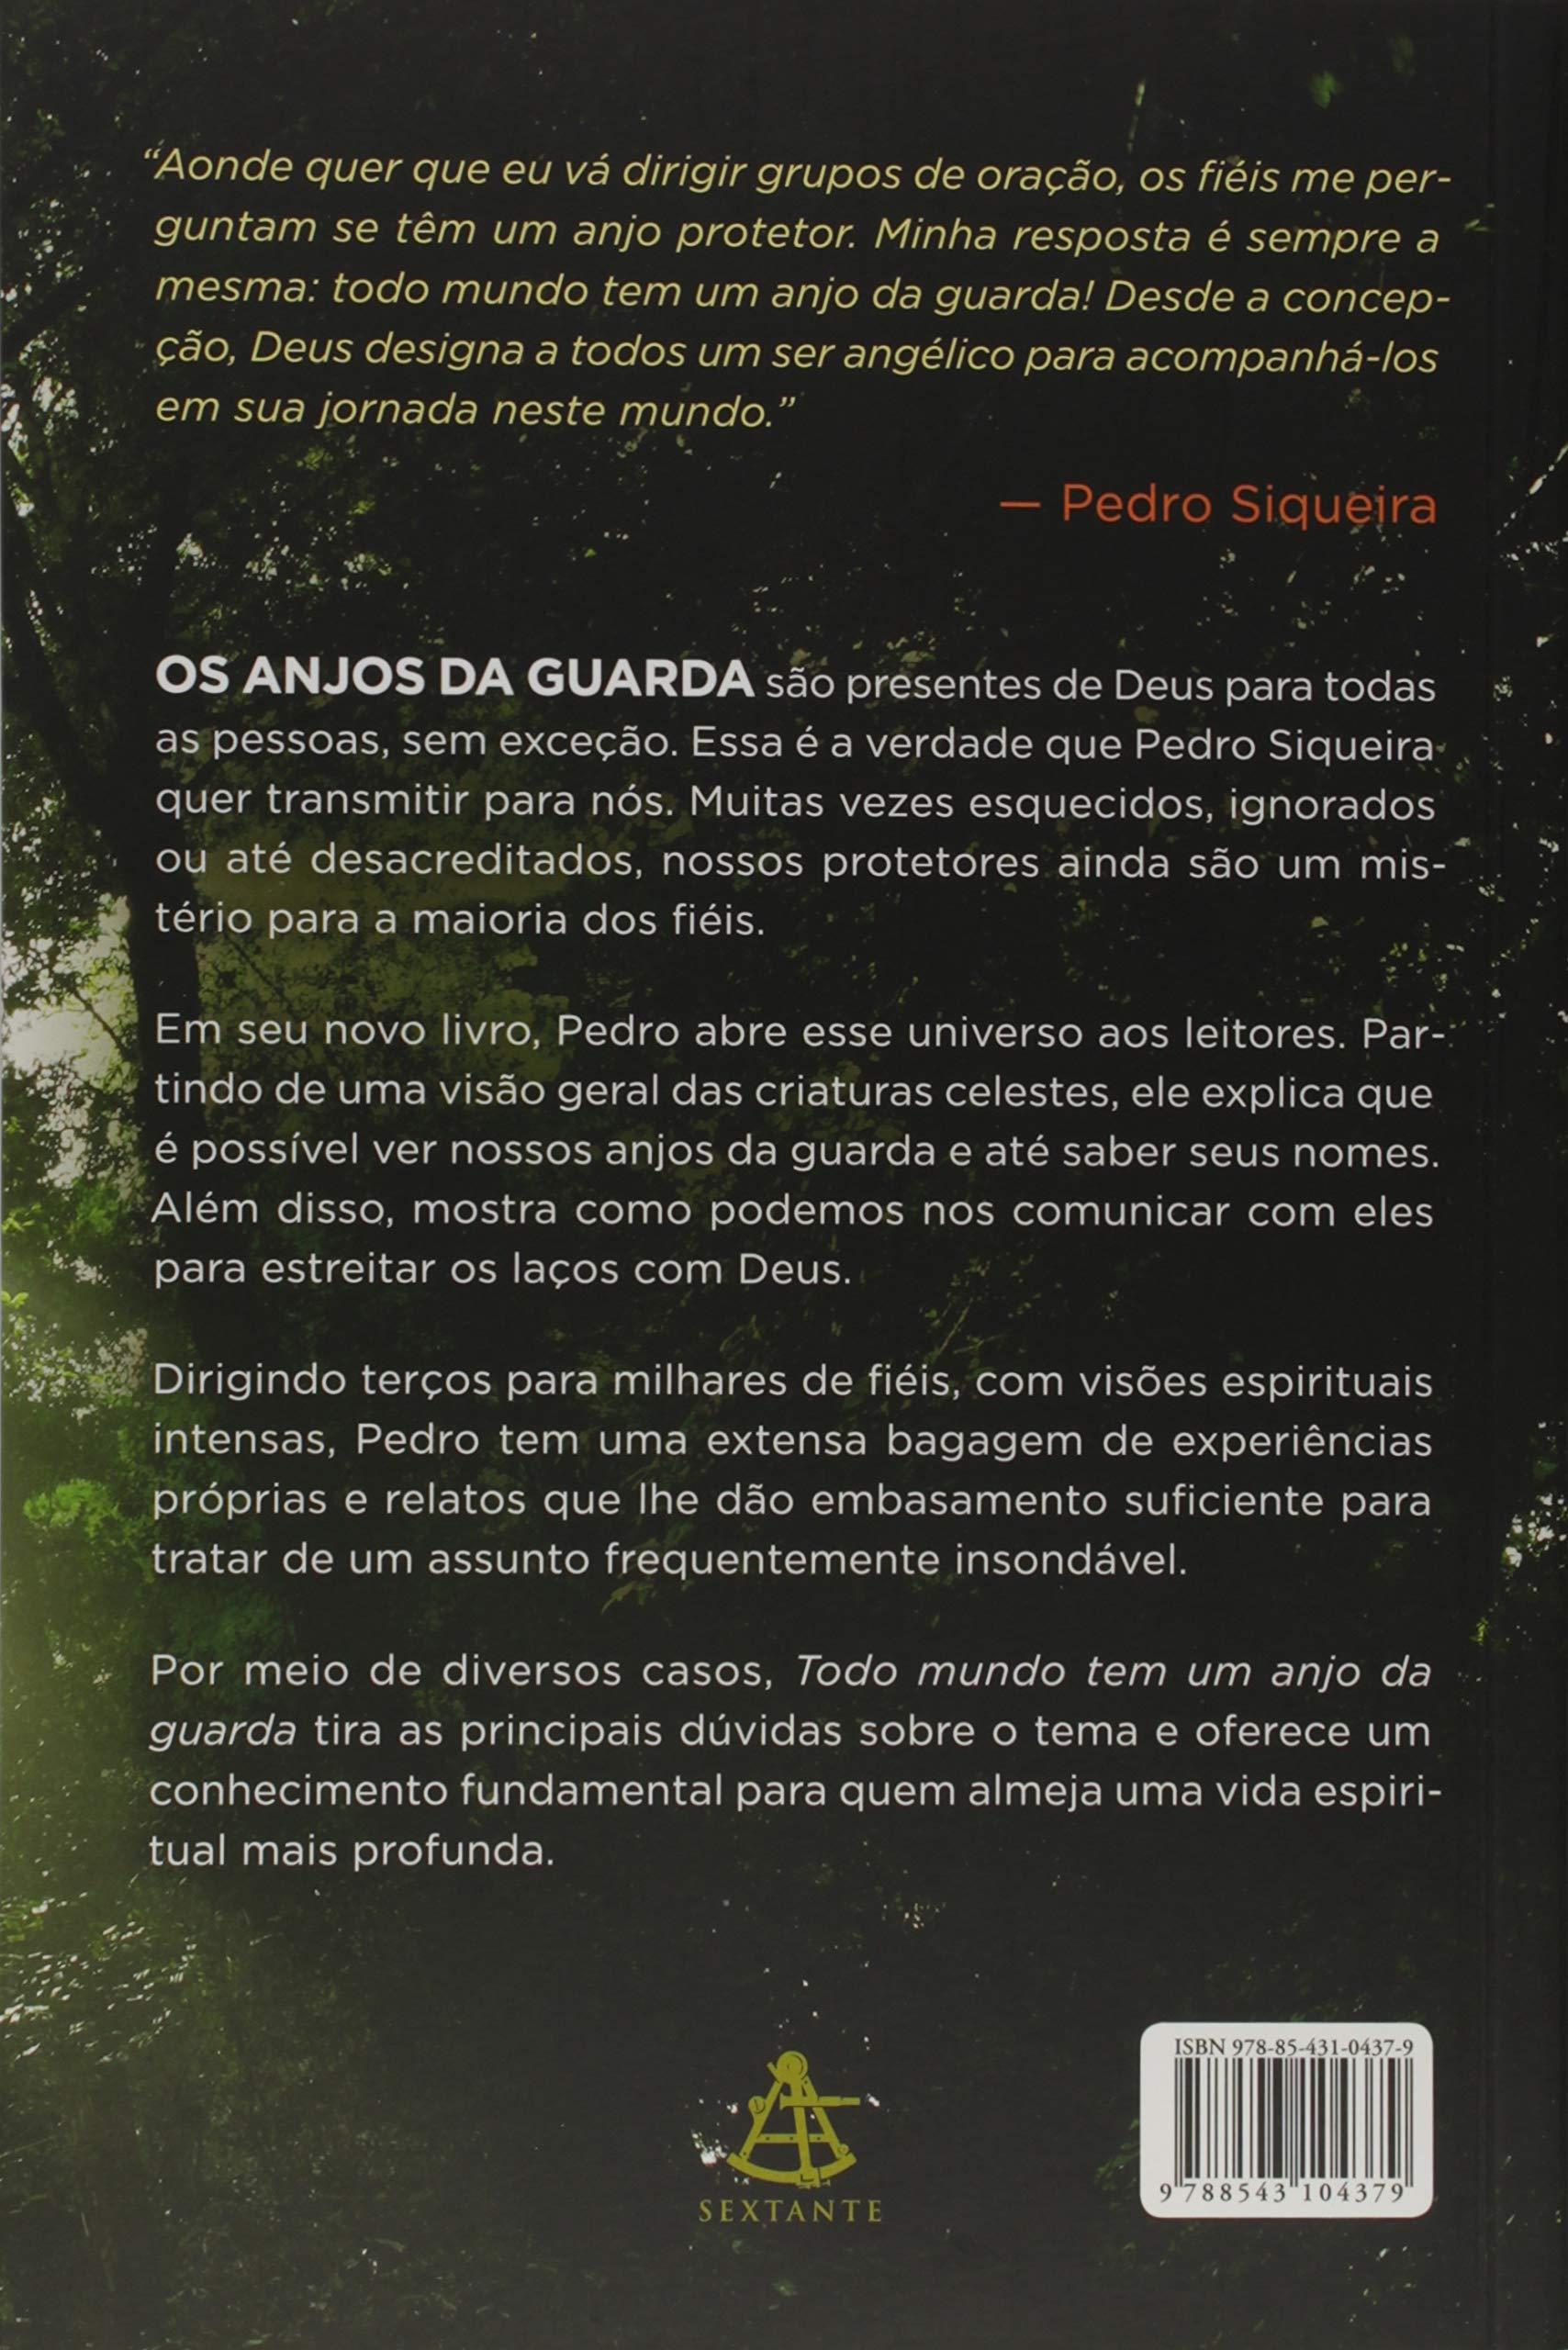 9346dd4db Todo mundo tem um anjo da guarda - Livros na Amazon Brasil- 9788543104379